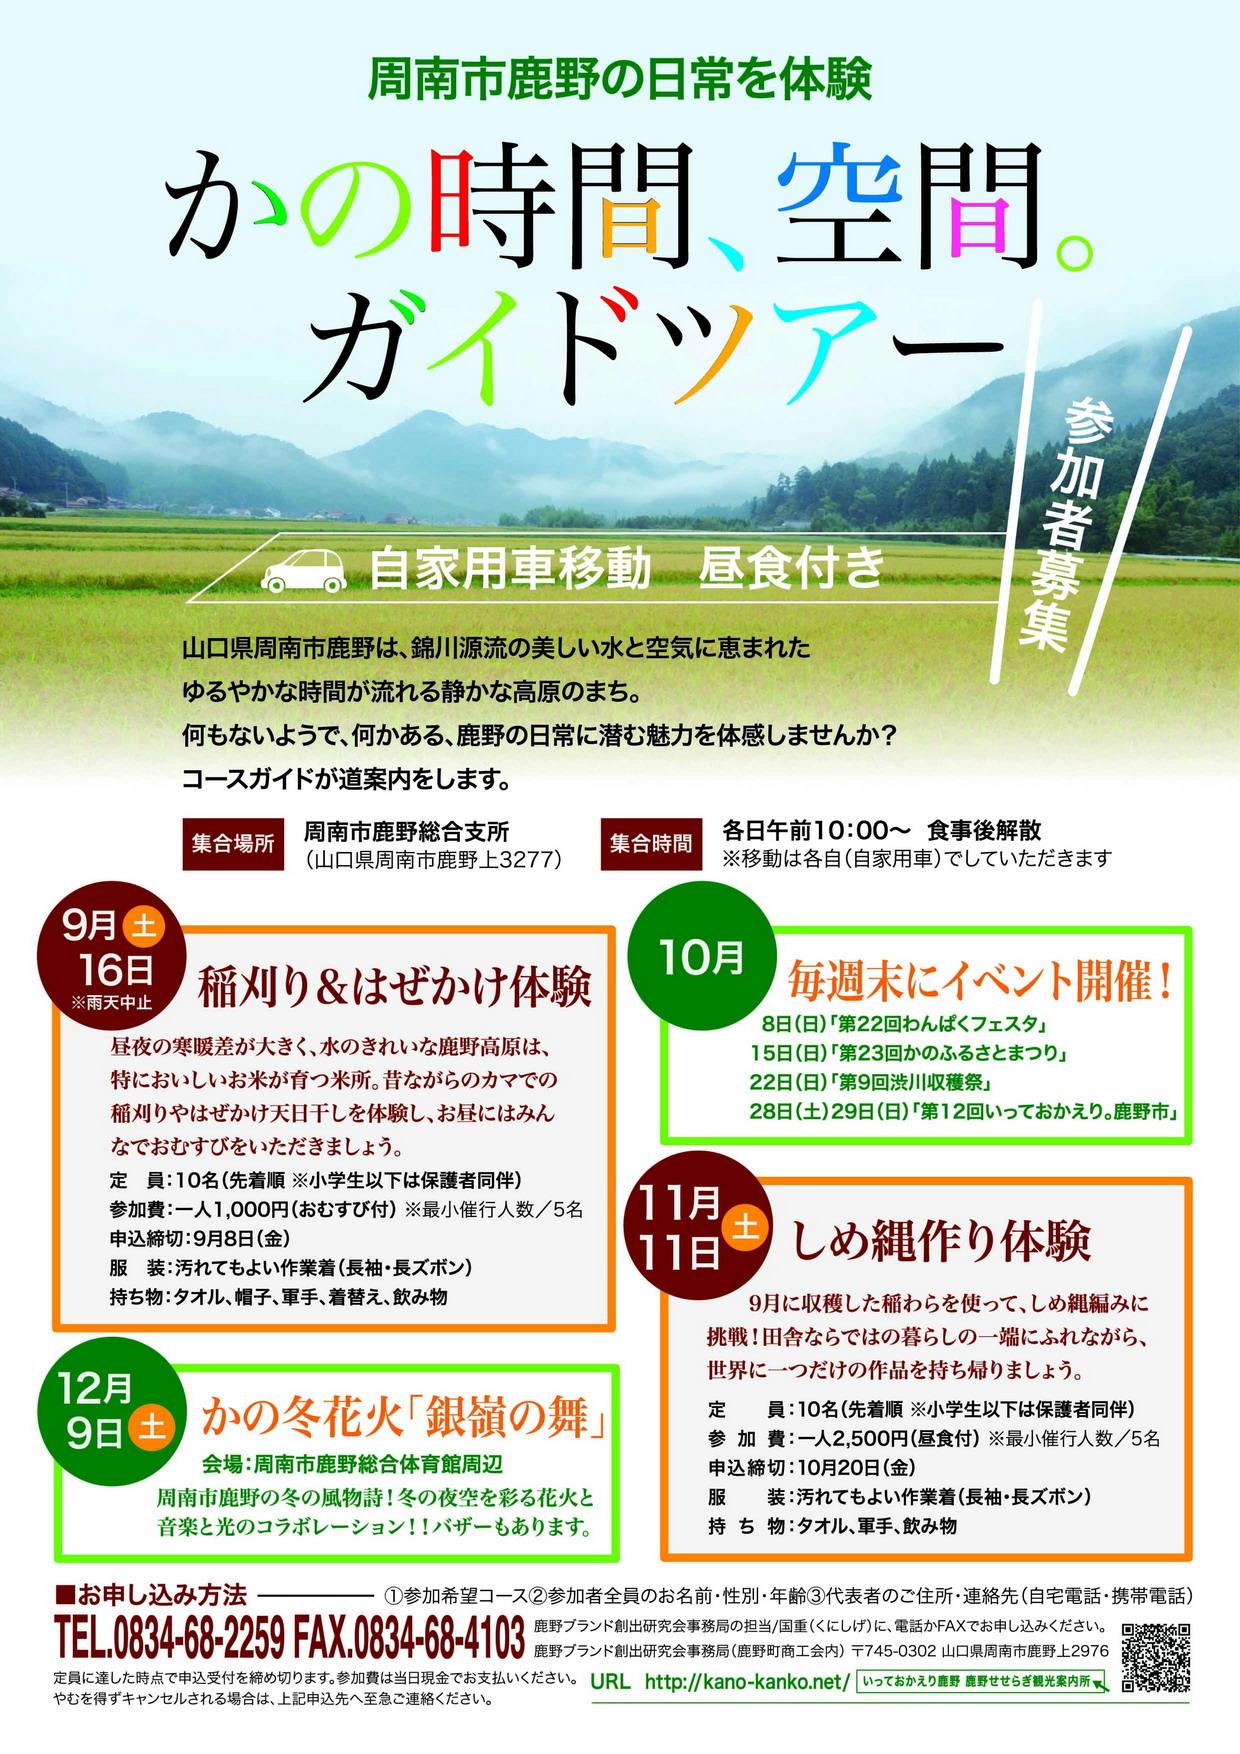 鹿野体験ツアー2017秋_表